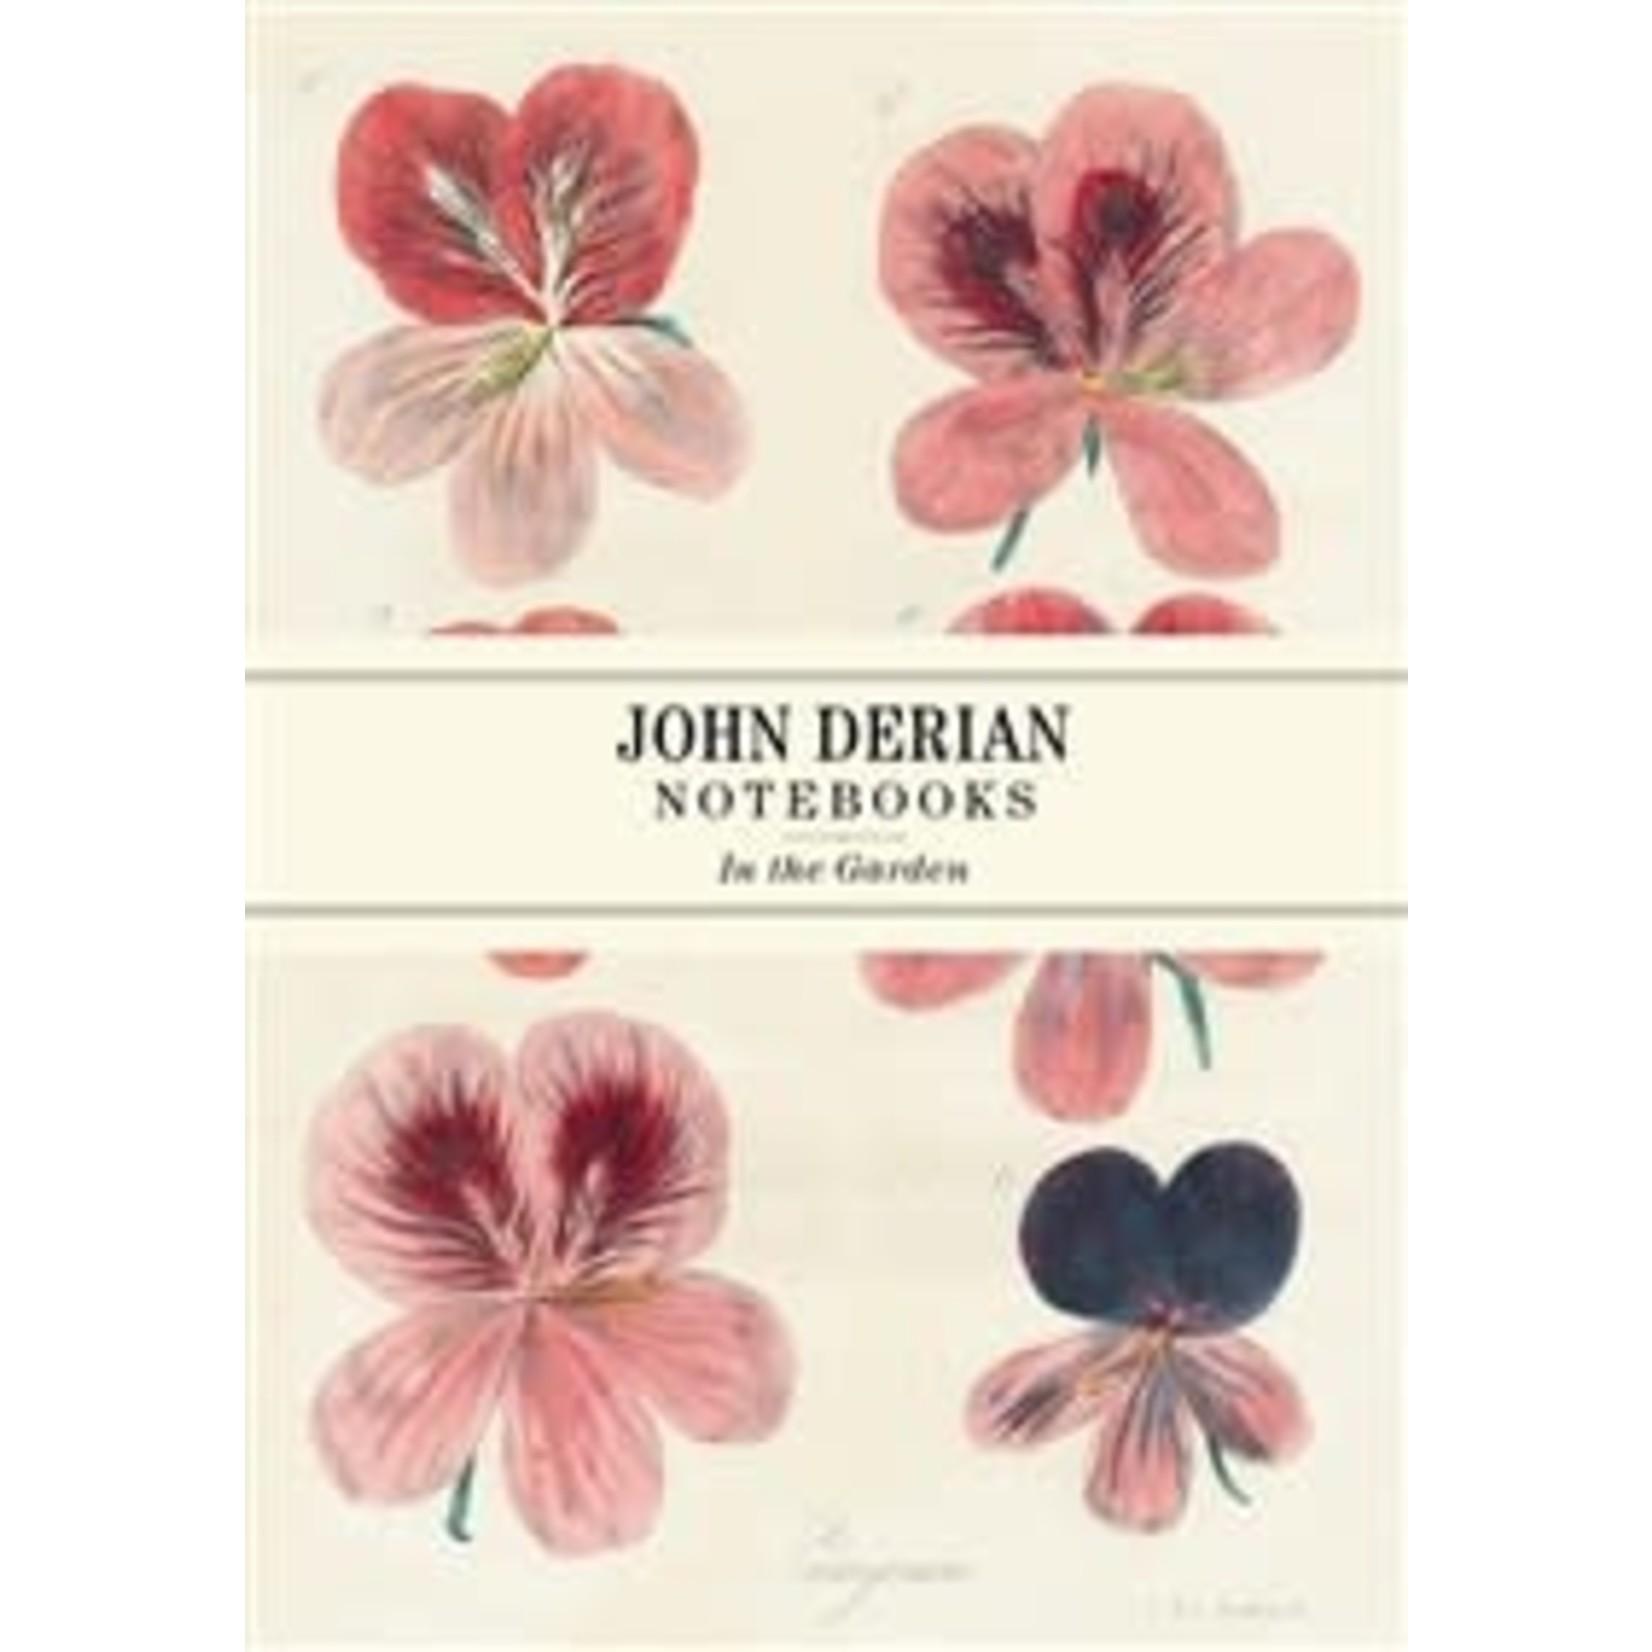 John Derian Notebooks